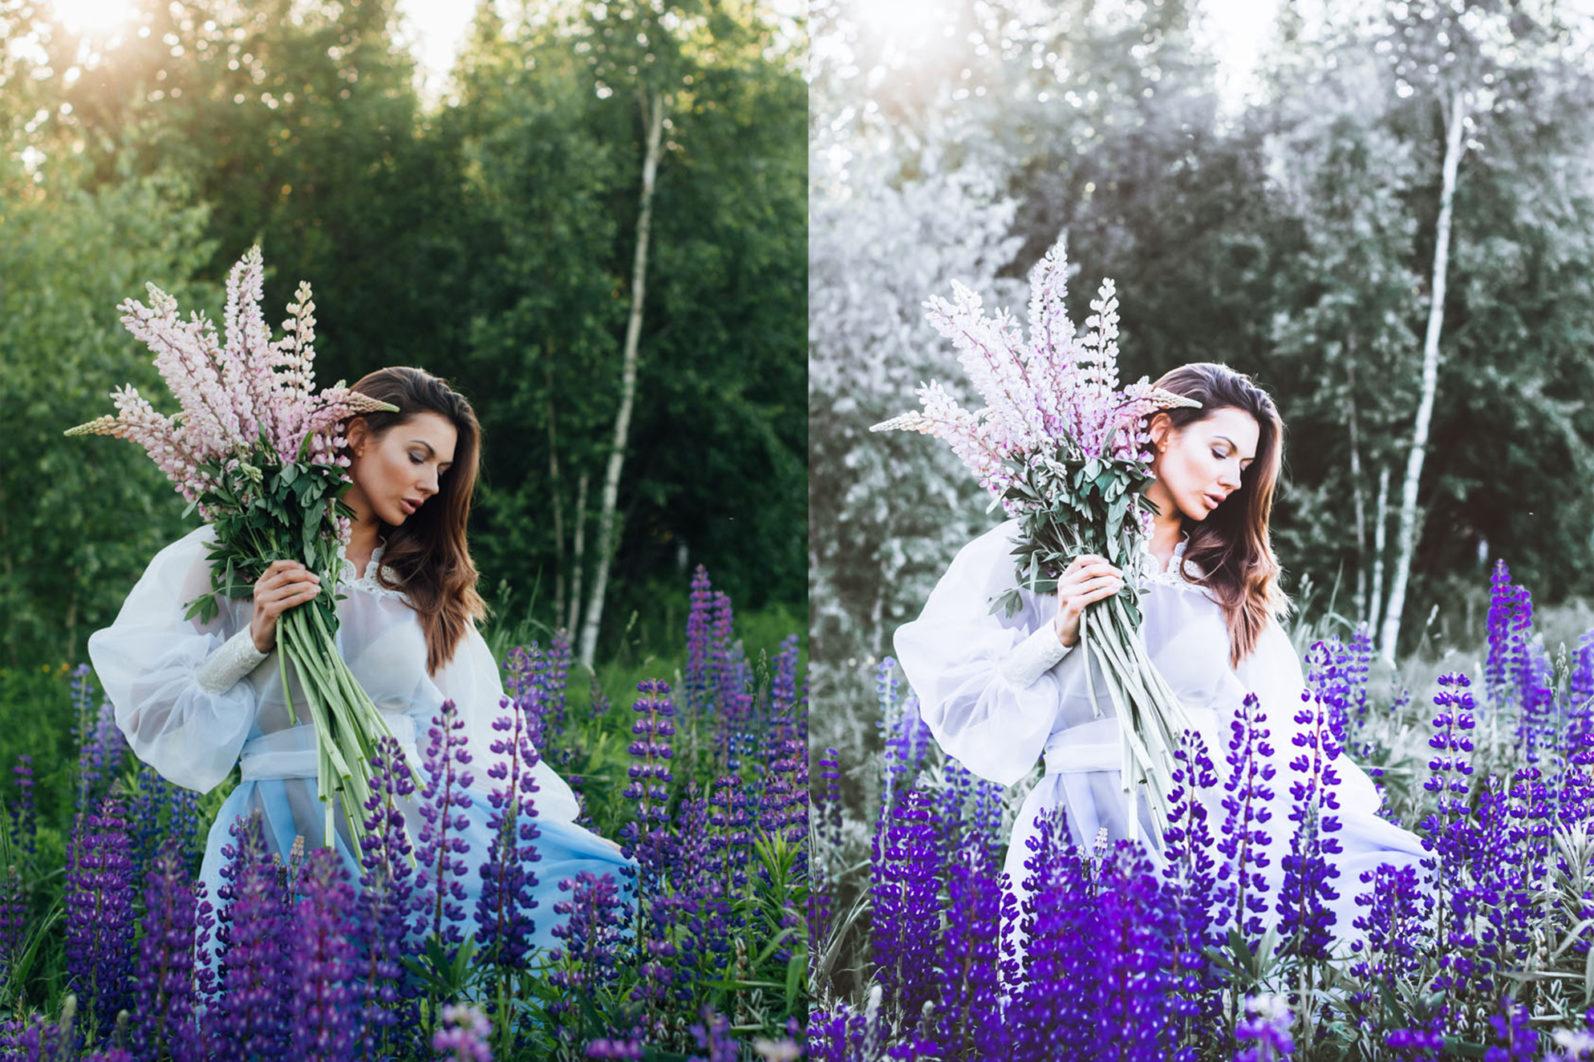 65 x Lightroom Presets (Mobile and Desktop Bundle) inspired by Spring - 5 Lavender -